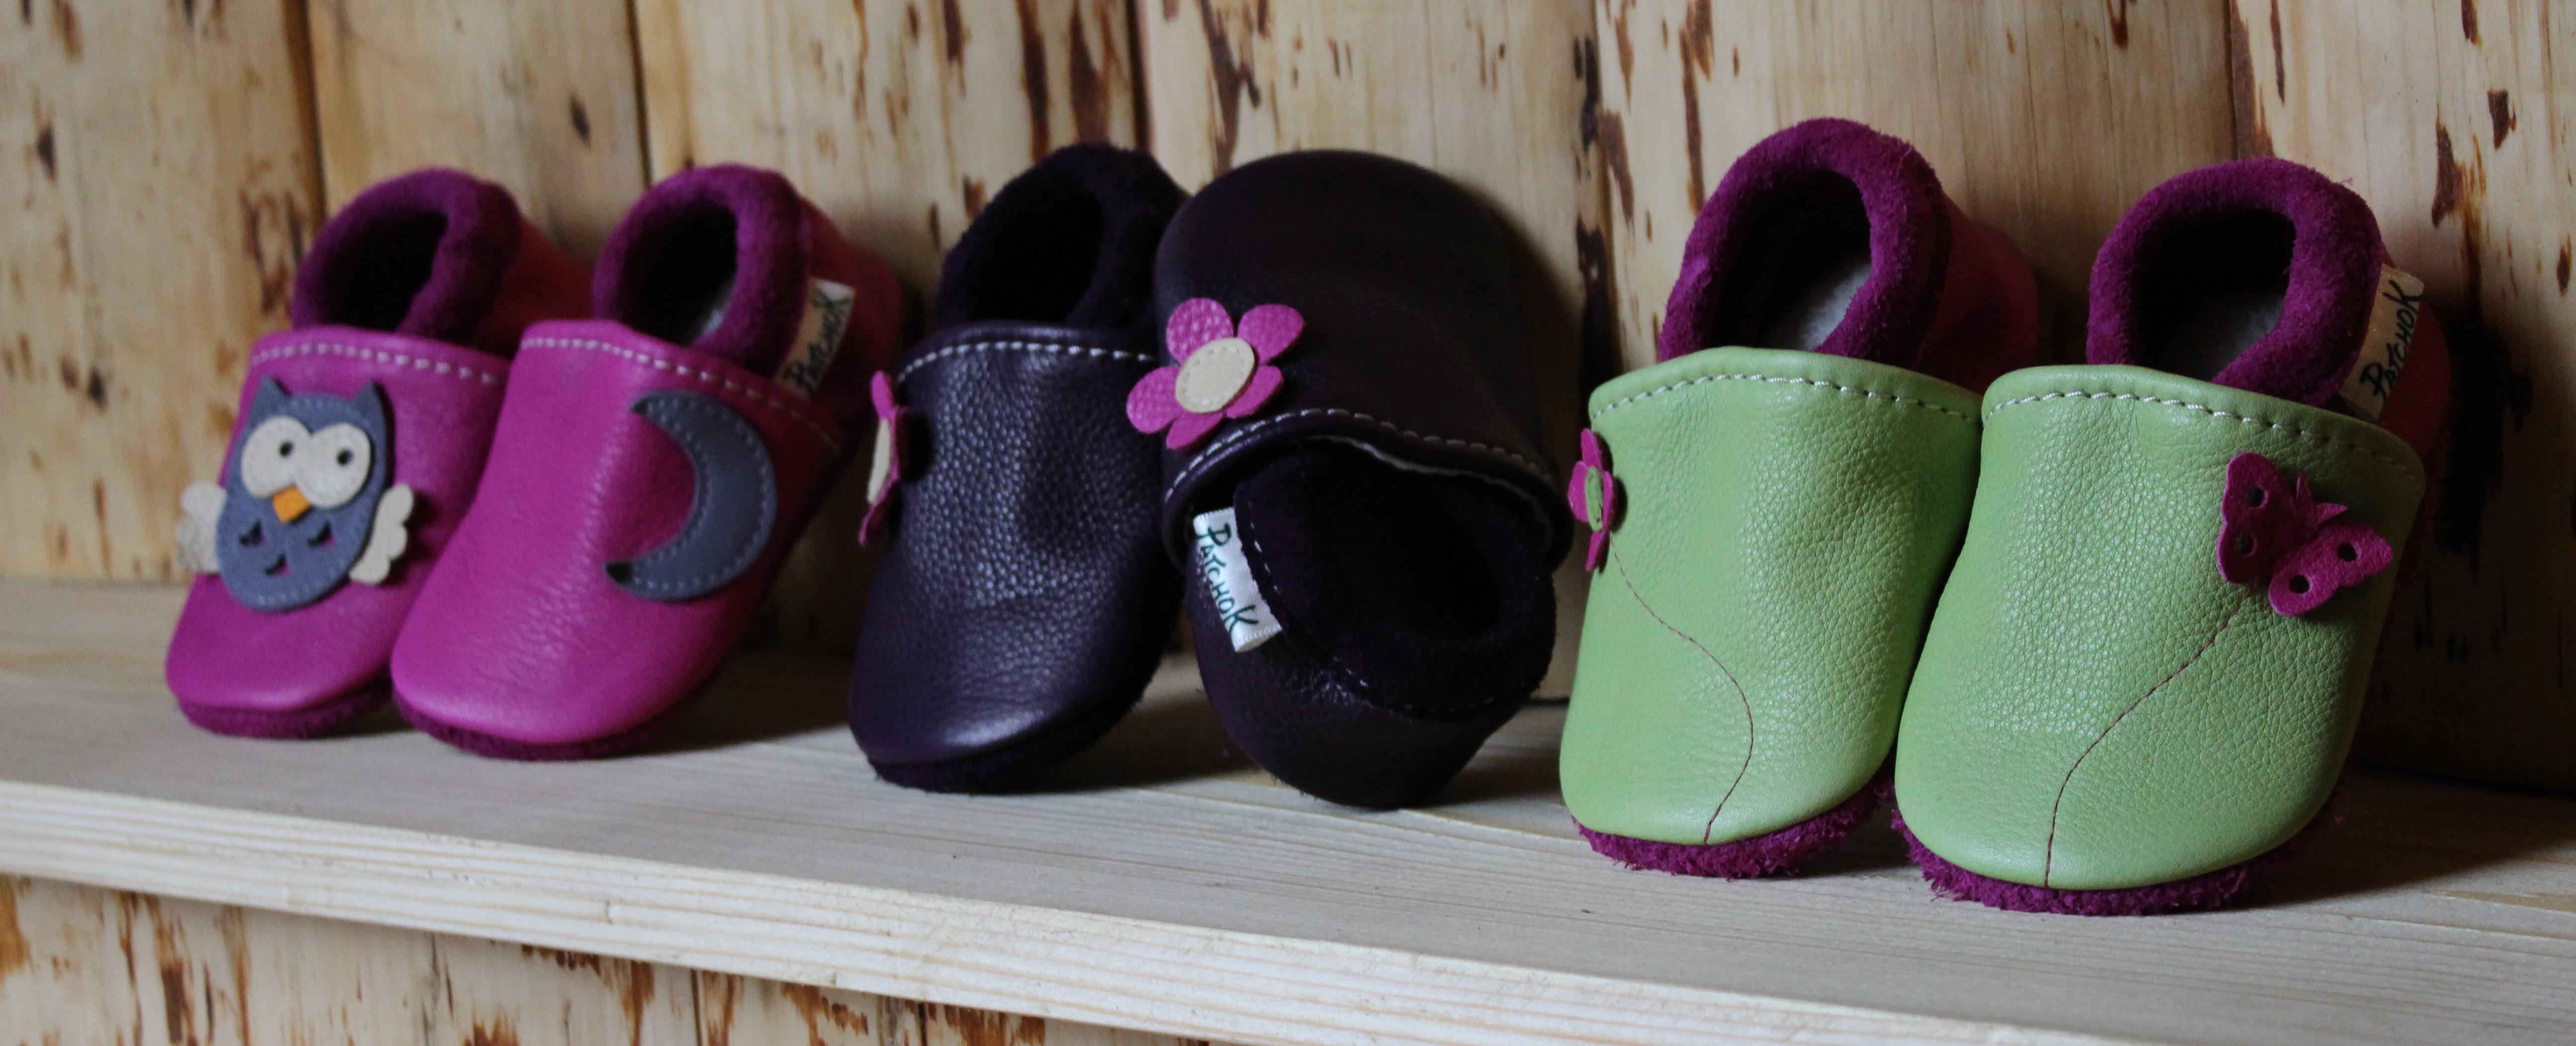 Chaussons Patchok pour bébé et enfant, gamme made in France